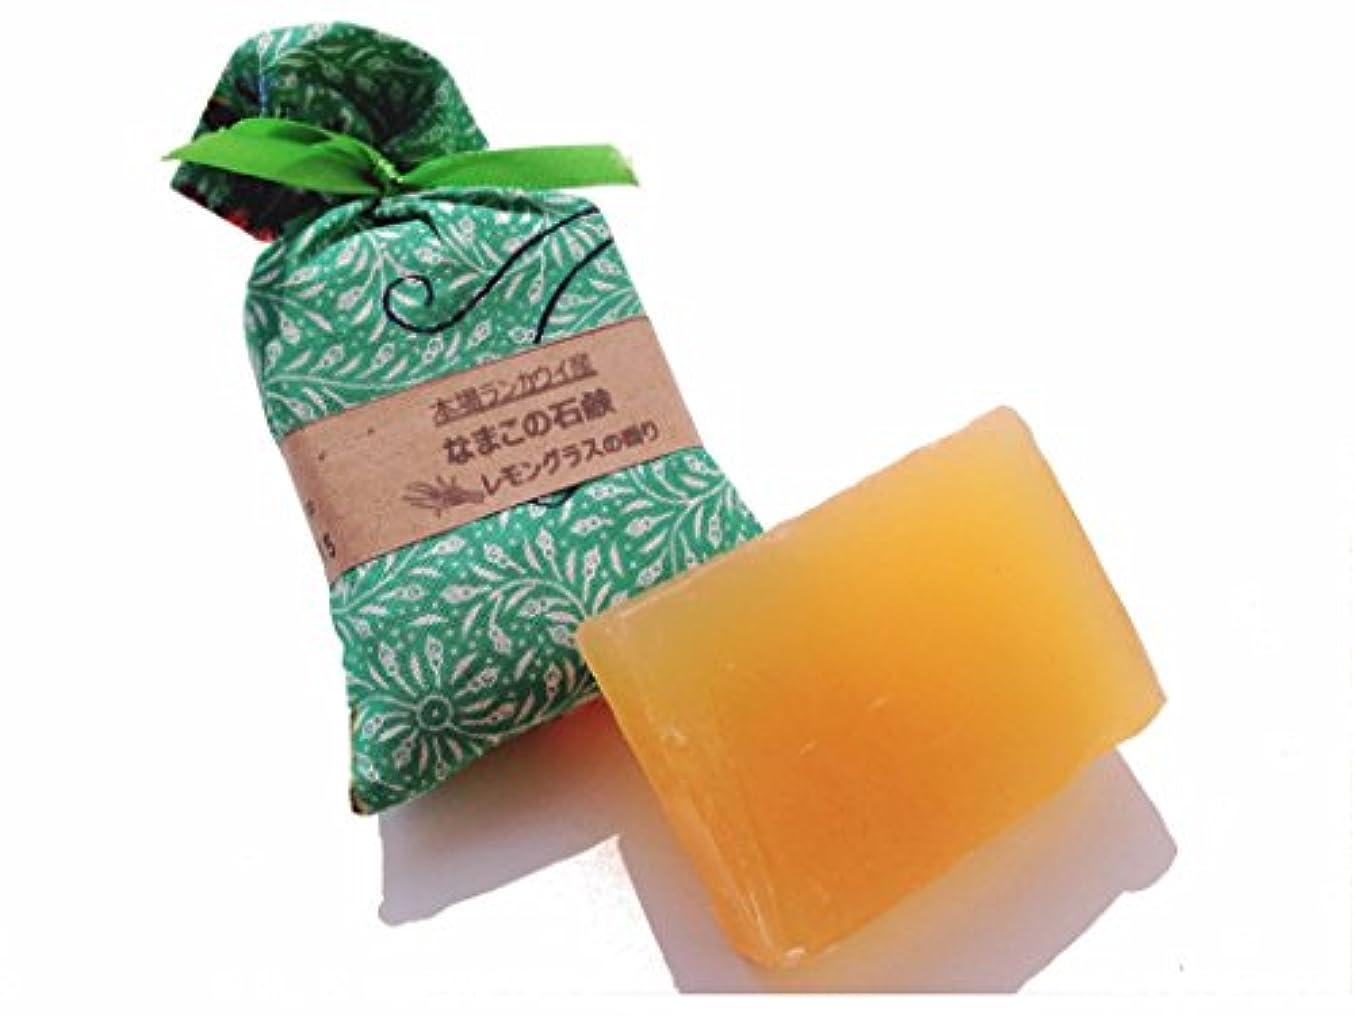 なまこ石鹸 (ランカウイの休日 レモングラス)